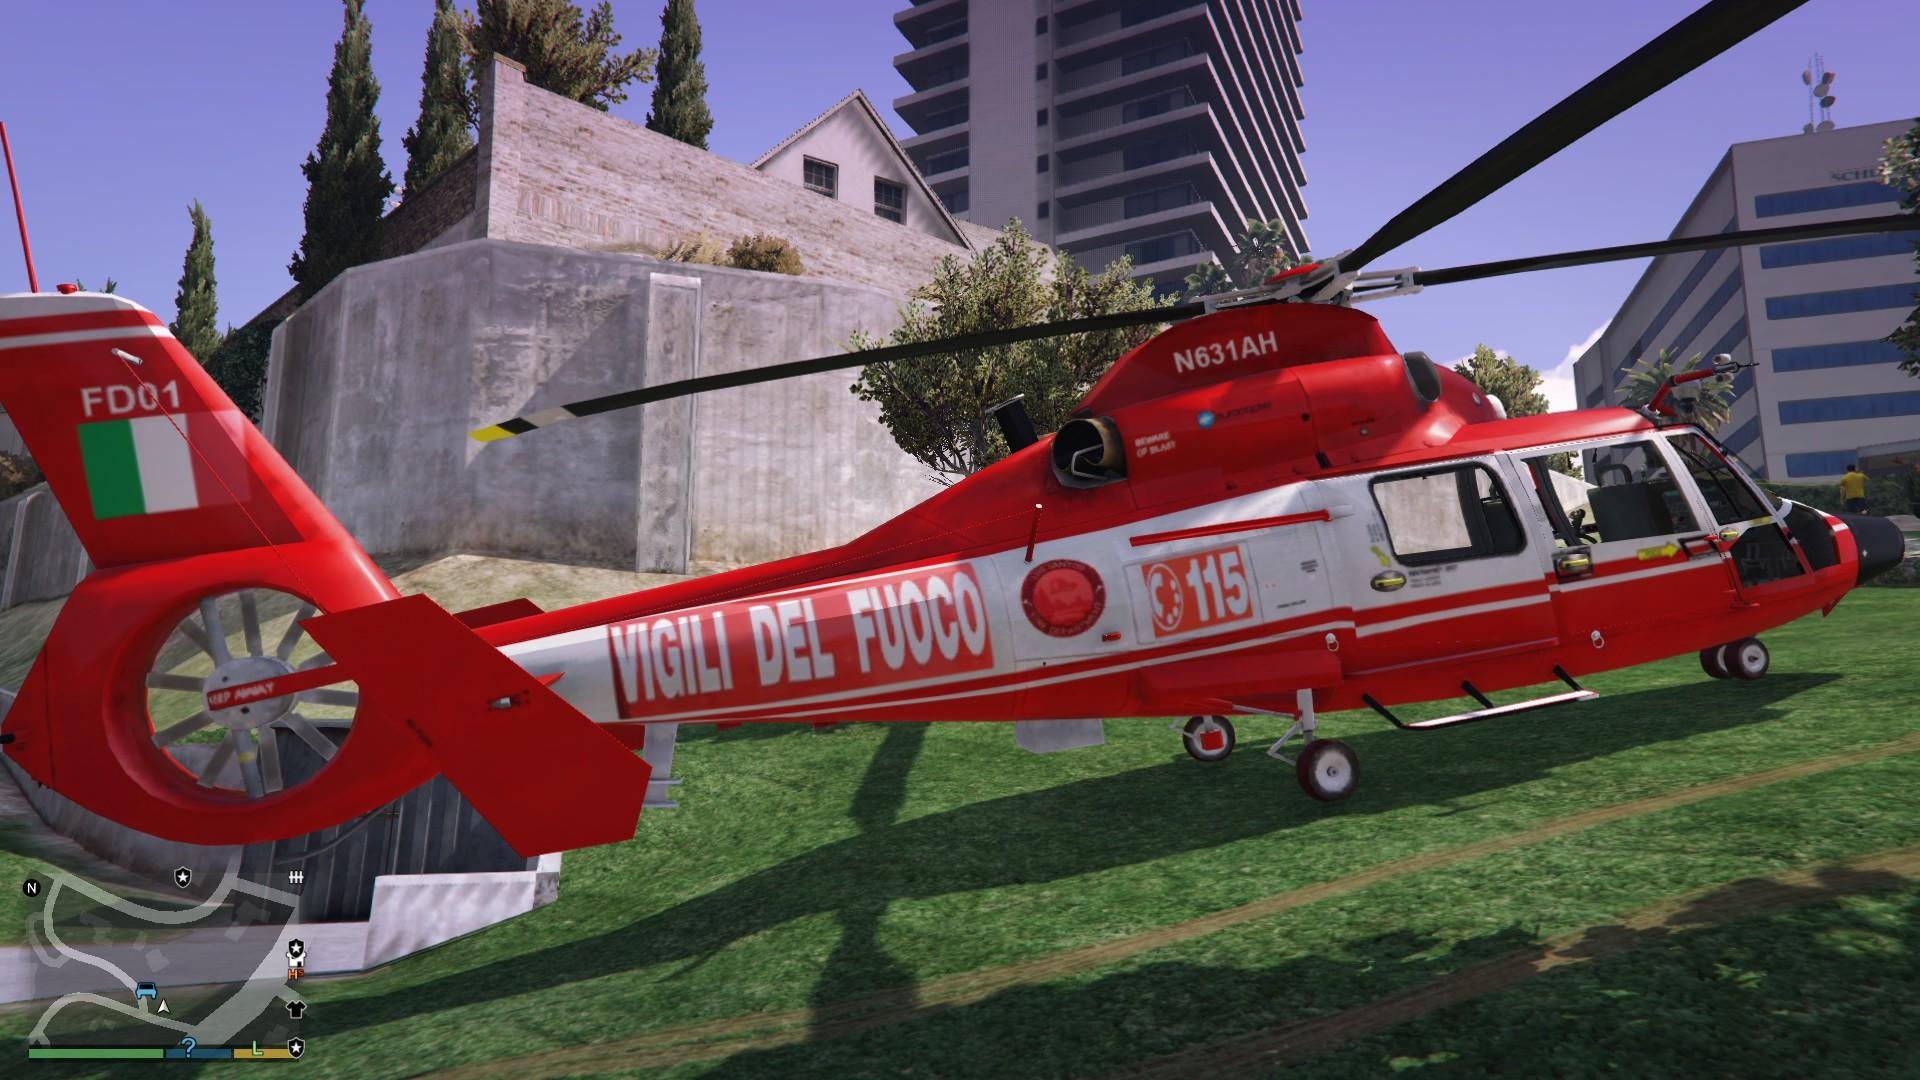 Elicottero Gta 5 : Vigili del fuoco elicottero gta mods